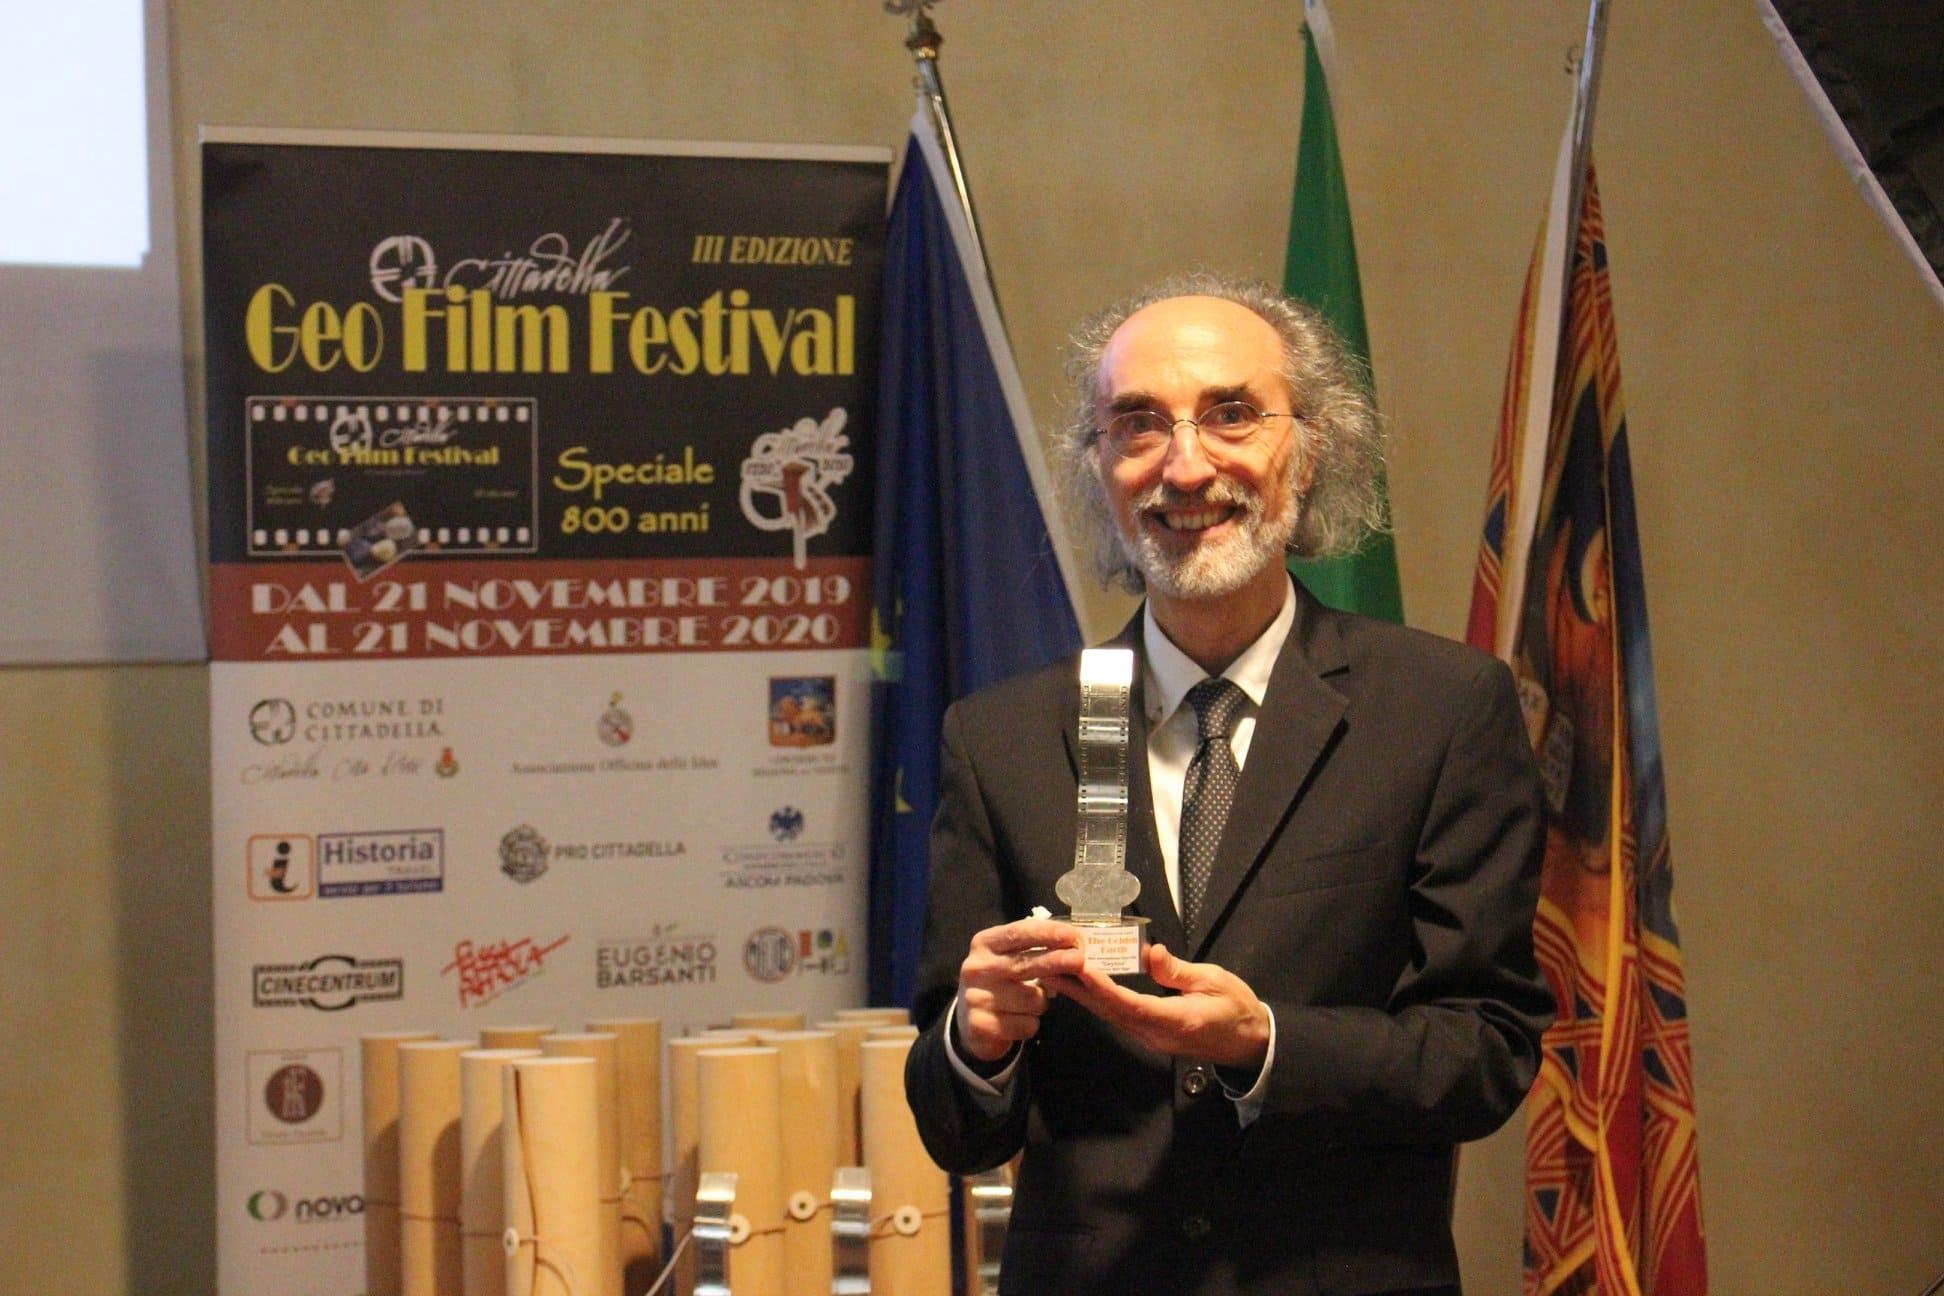 Premio speciale CINIT alla 4a Edizione del Festival Internazionale GEO Film Festival di Cittadella